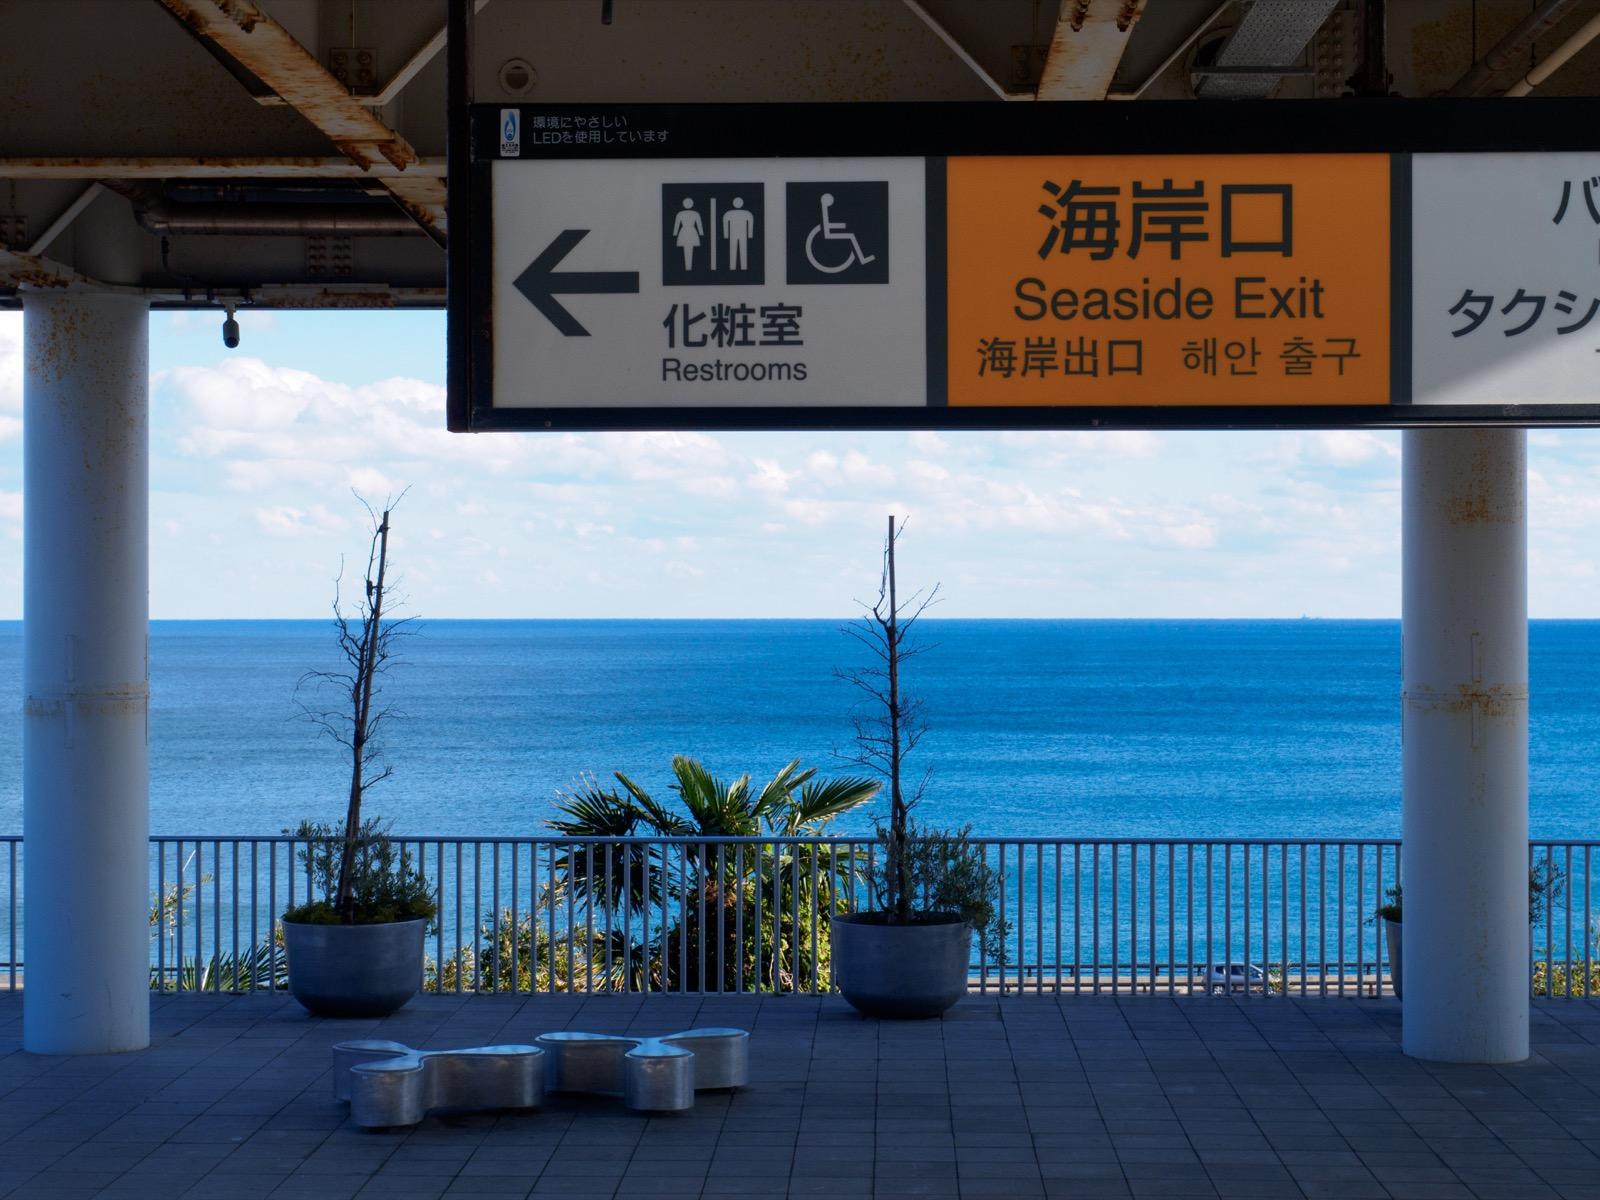 日立駅海岸口の駅前と太平洋